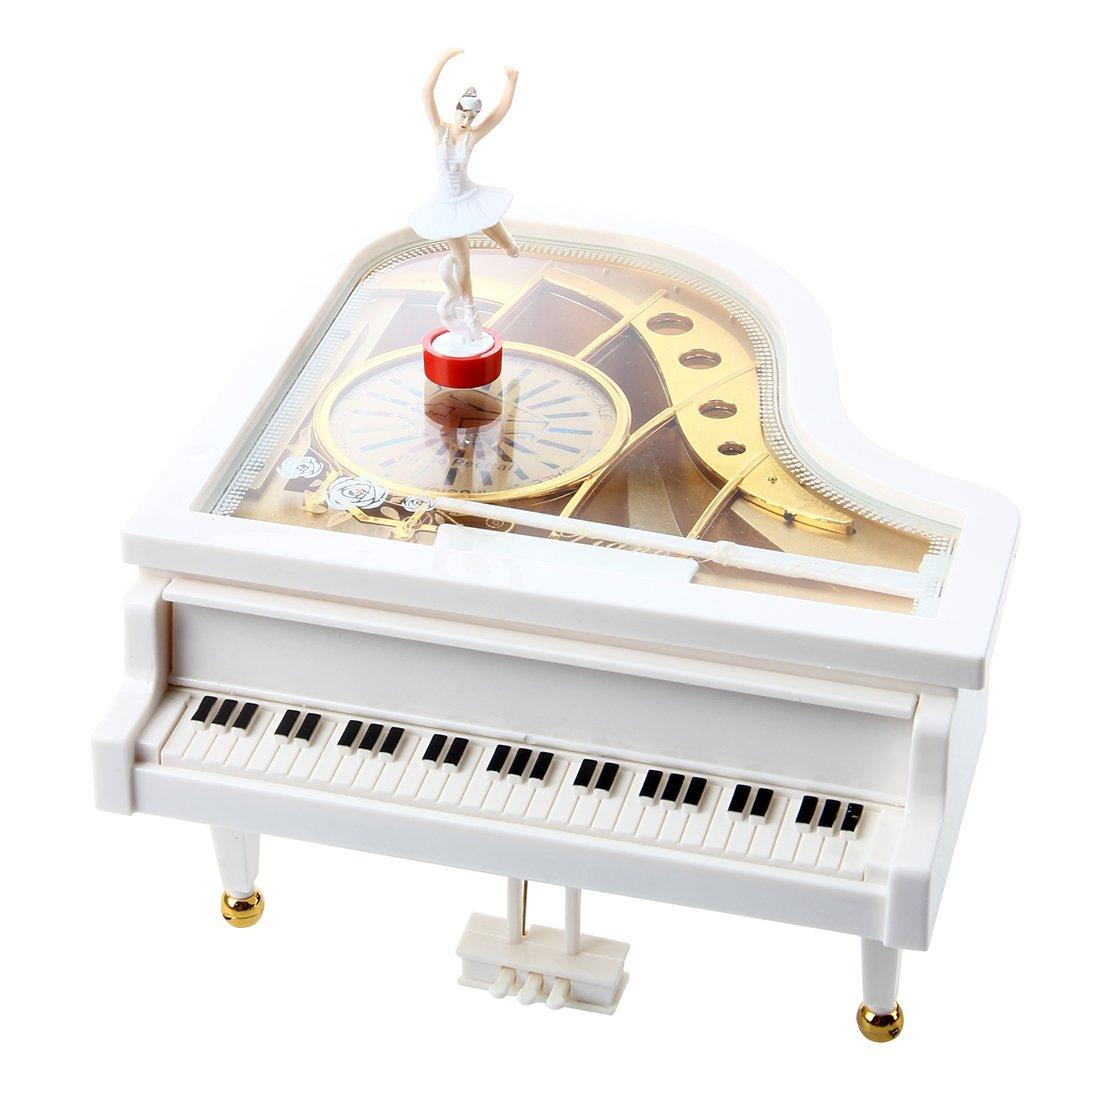 TOOGOO(R) Carillon Scatola Musicale Music Box Pianoforte a Coda Bianco Ballerina Nuovo SODIAL(R) 022115